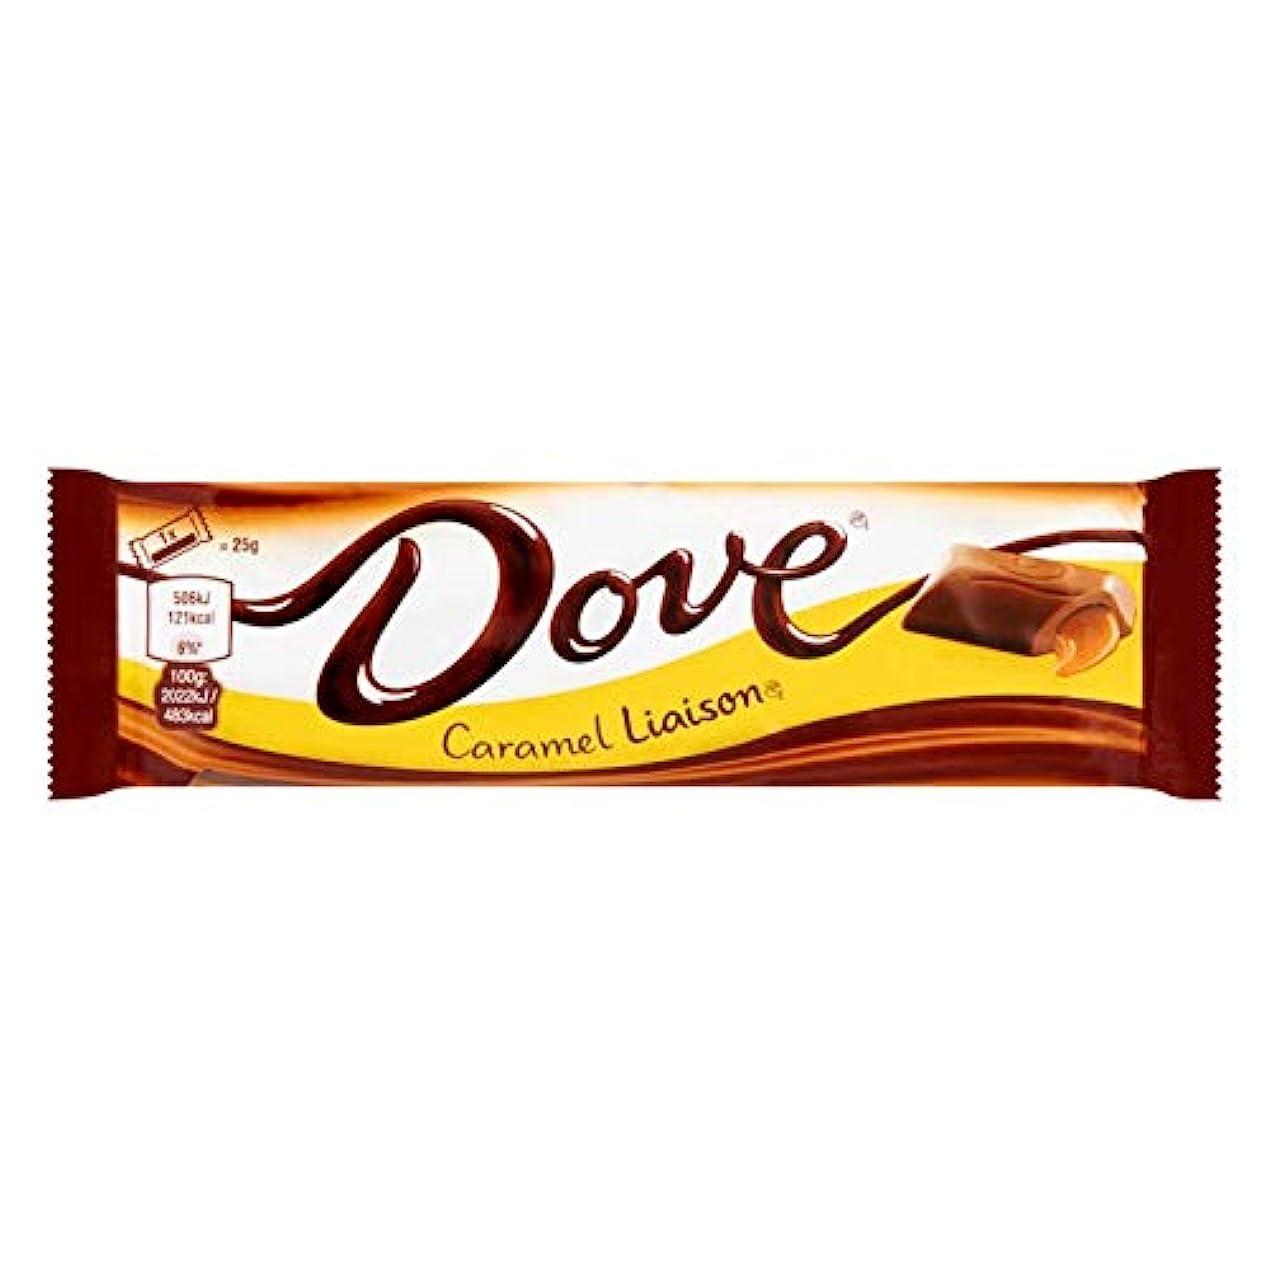 女王電気技師ブレスキャラメルチョコレートキャンディーバー | Dove | キャラメルリエゾン2 x 25g | 総重量 50 グラム